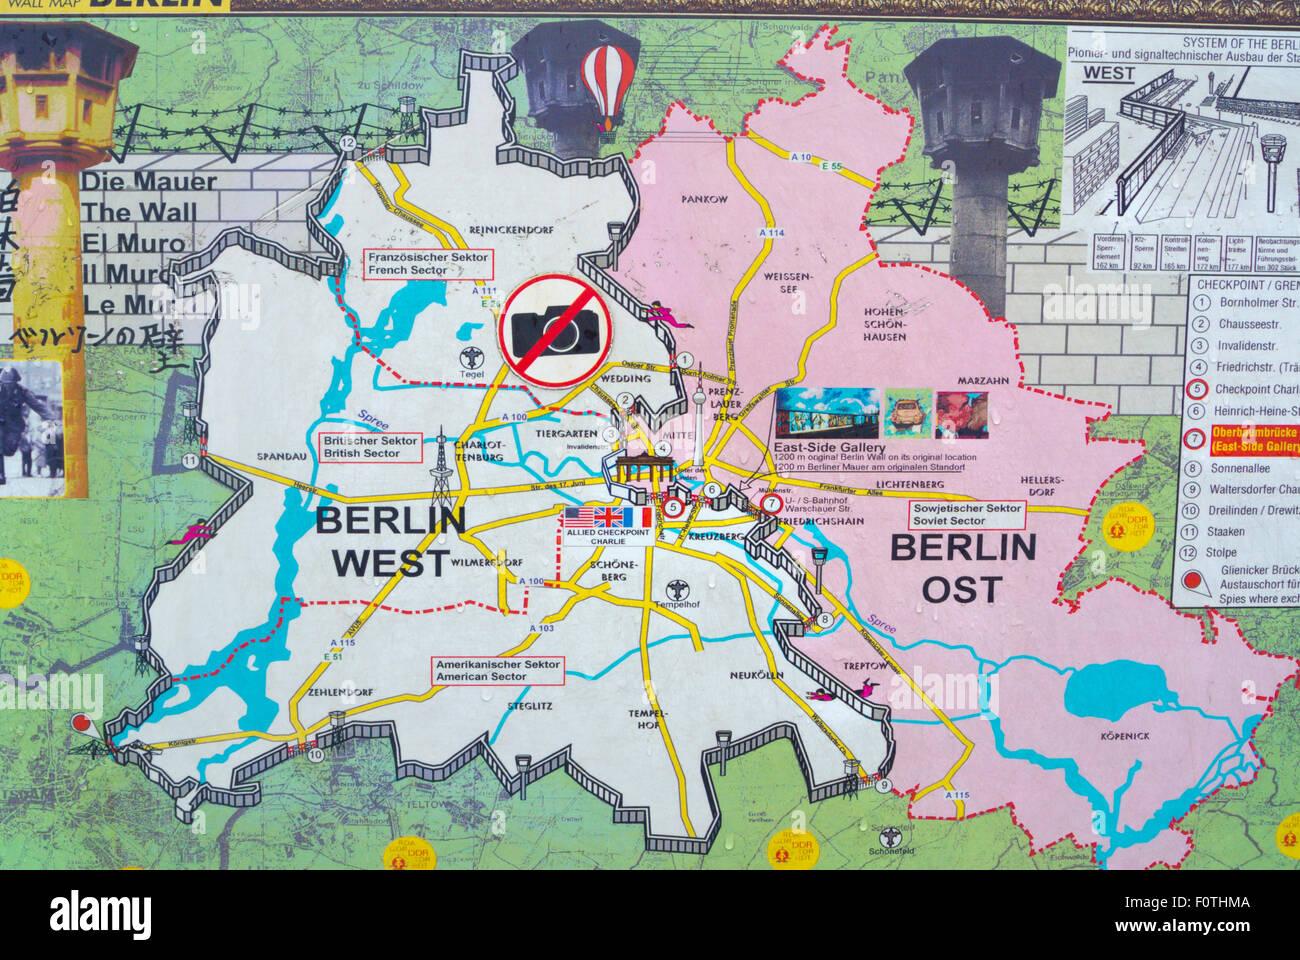 Mapa de Berlín Oriental y Occidental antes de 1990, la East Side Gallery, Friedrichshain, Berlín oriental, Imagen De Stock